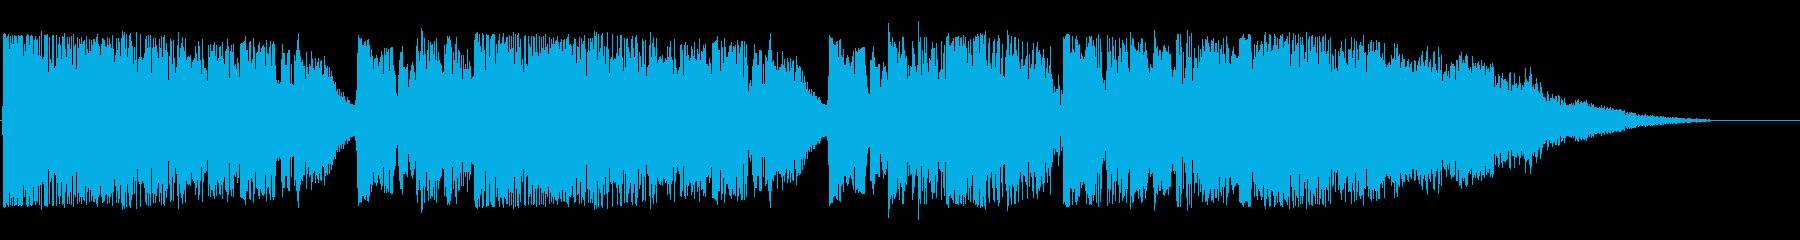 にぎやかなオープニングの効果音の再生済みの波形